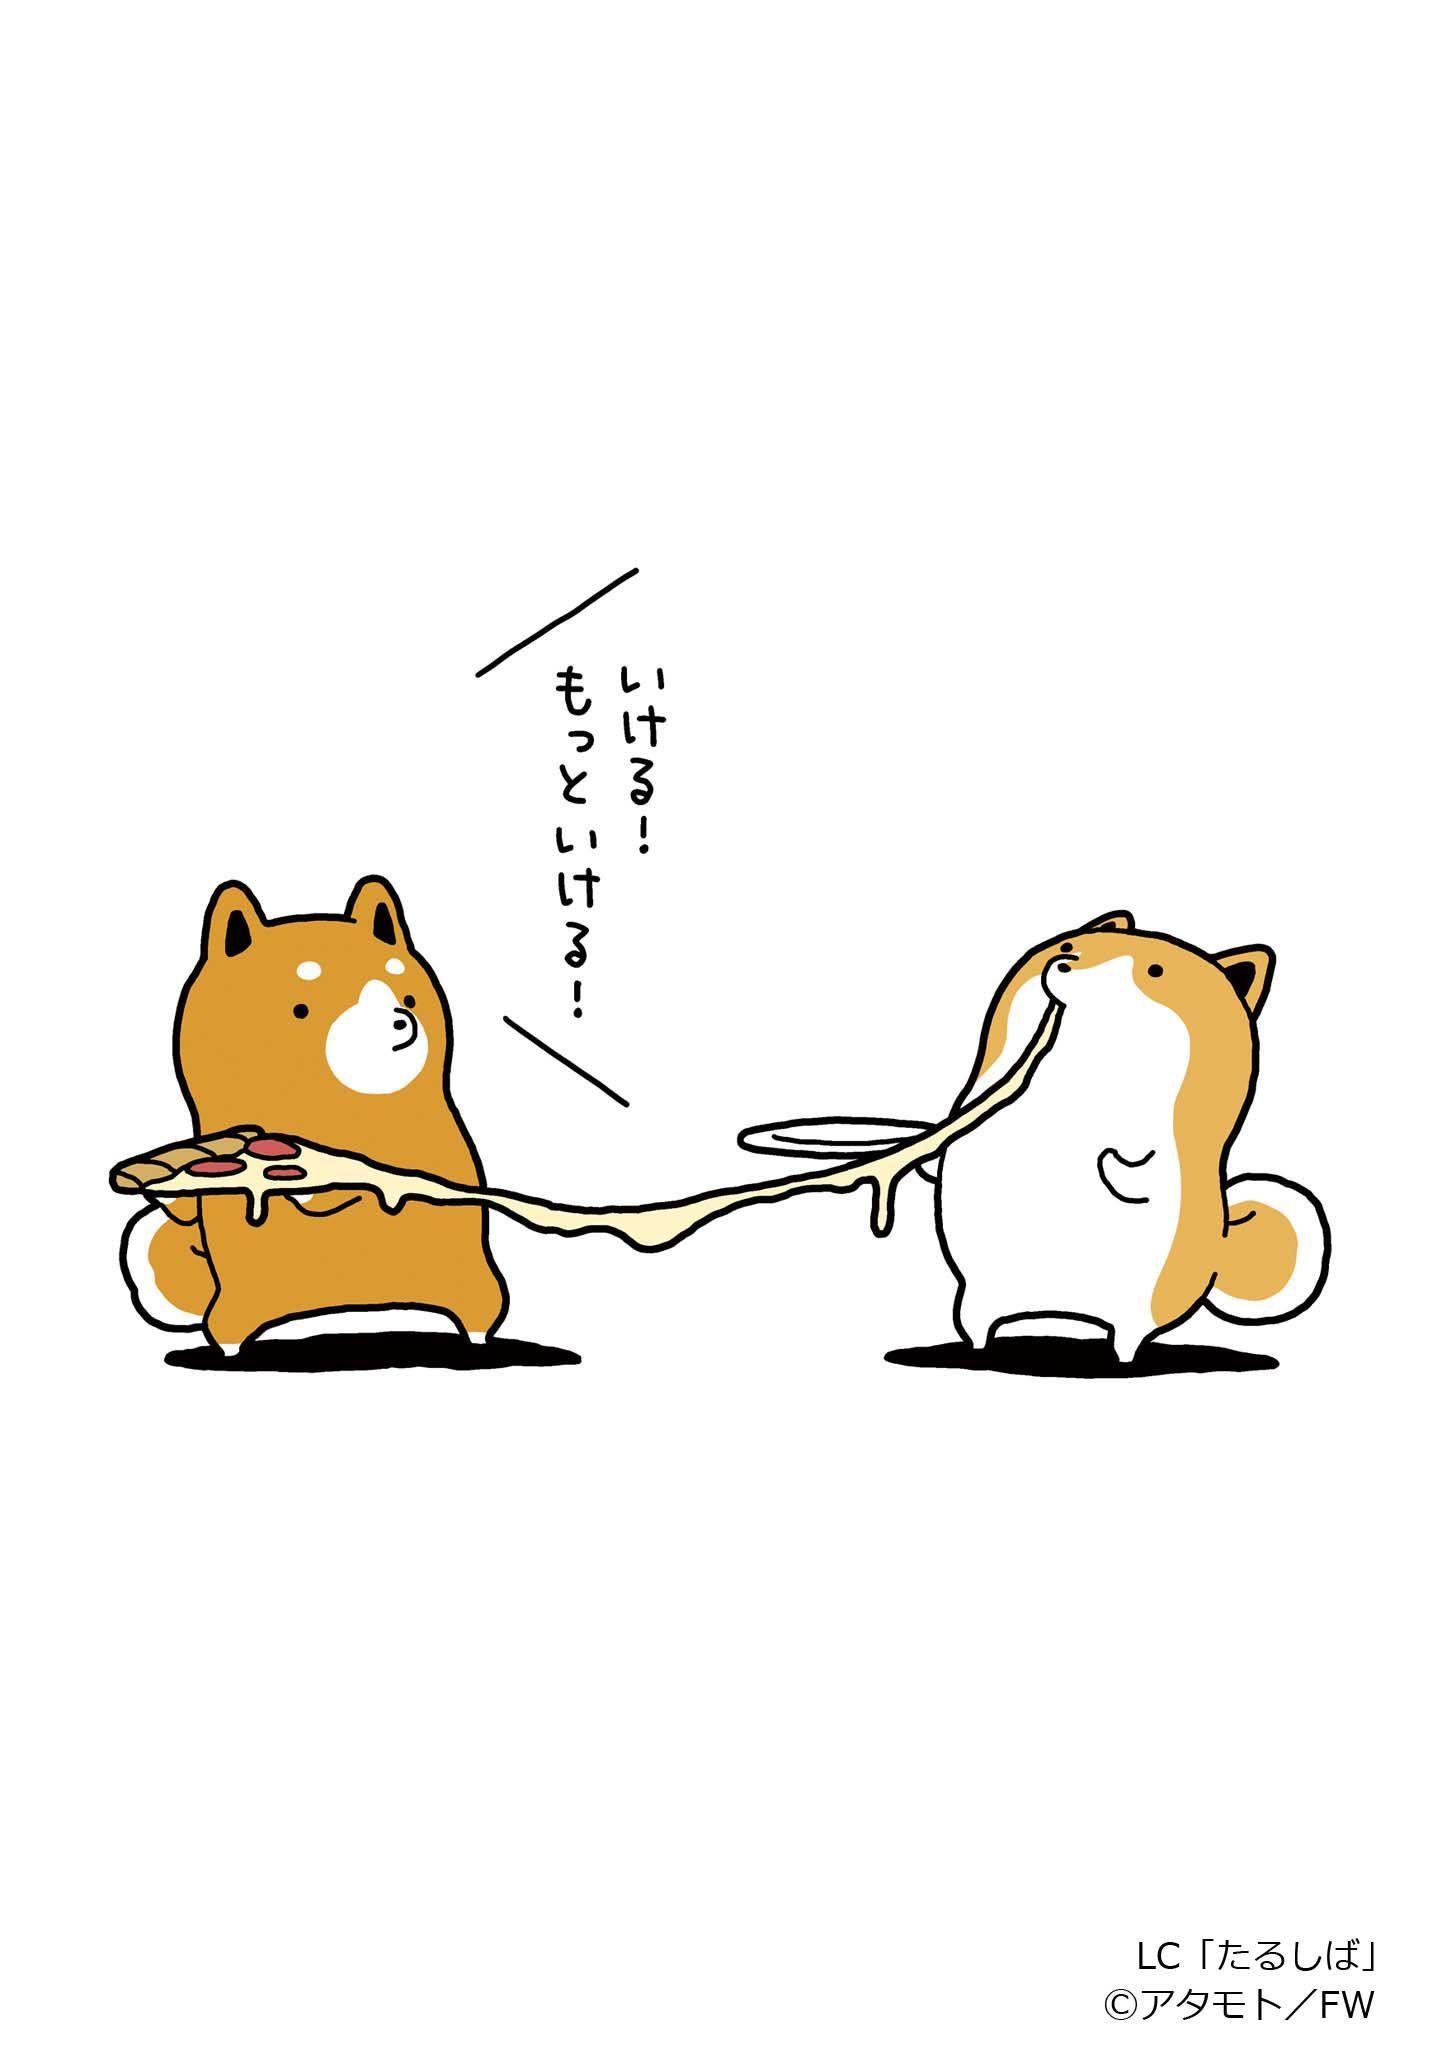 秋田犬 イラスト キュートなスケッチ 犬 イラスト かわいい 可愛